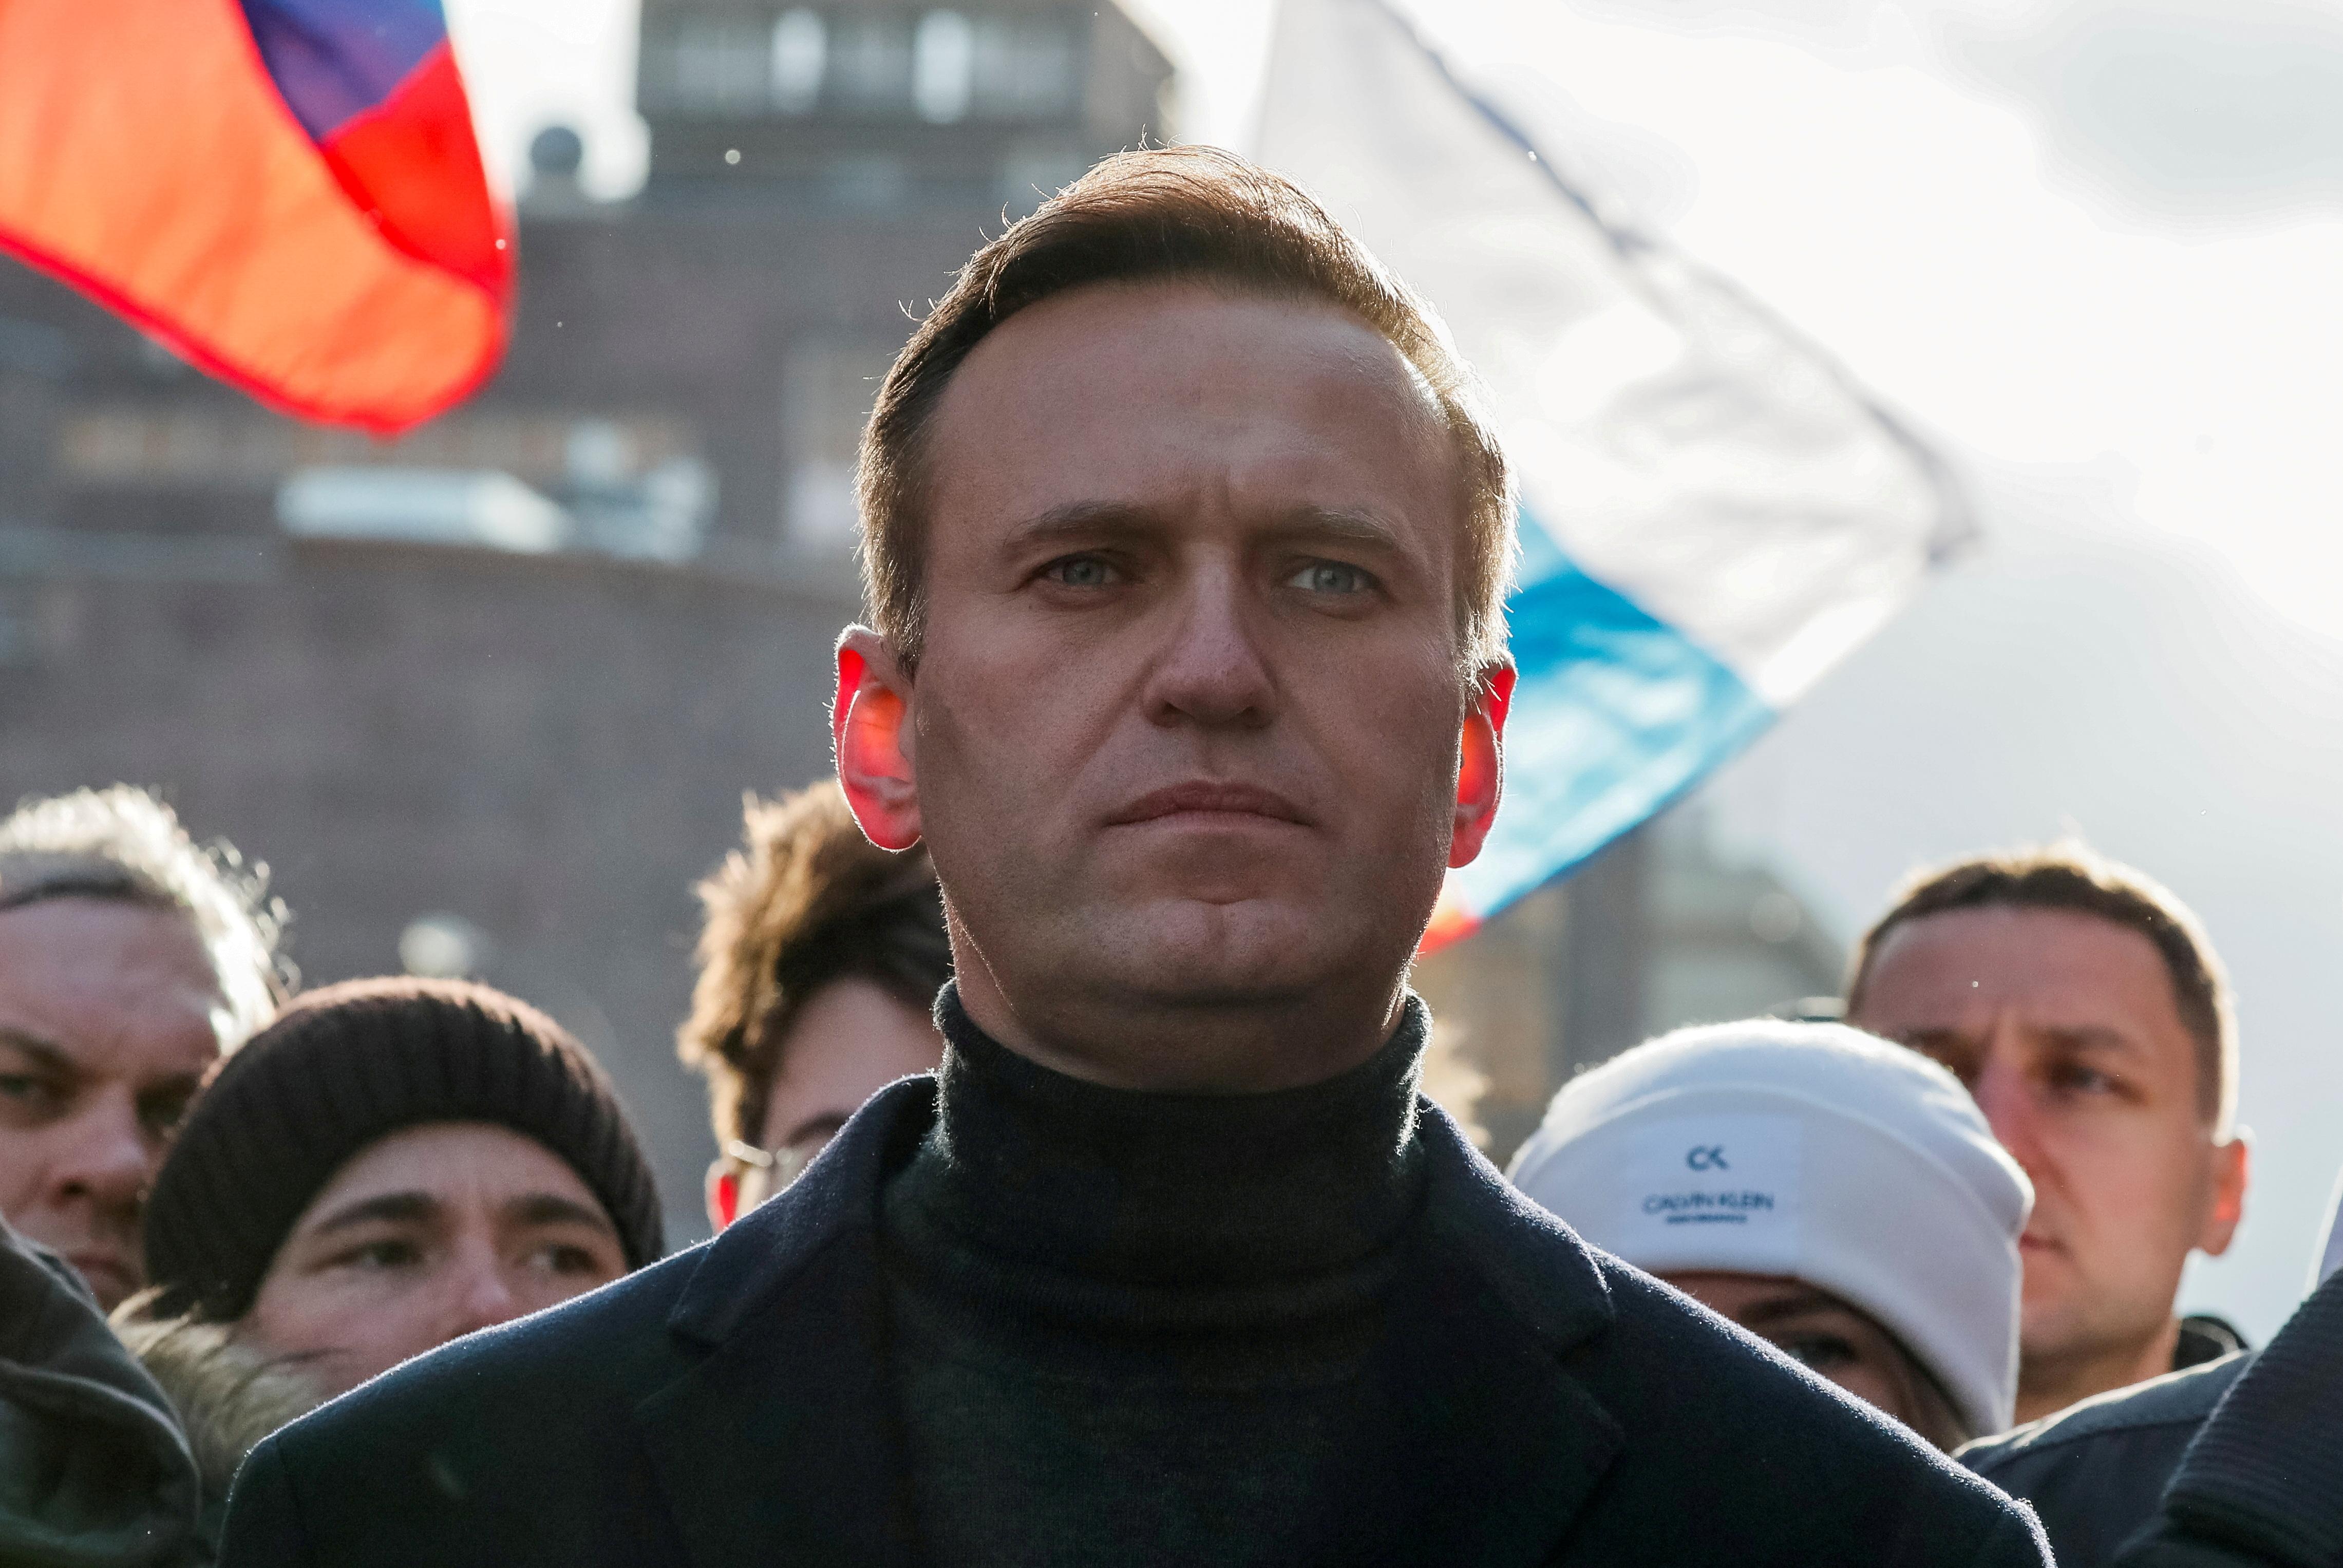 Rus muhalif politikacı Alexei Navalny, muhalif politikacı Boris Nemtsov'un öldürülmesinin 5. yıldönümü münasebetiyle ve ülke anayasasında önerilen değişiklikleri protesto etmek için 29 Şubat 2020'de Moskova'da düzenlenen mitinge katıldı. REUTERS/Shamil Zhumatov/File Photo